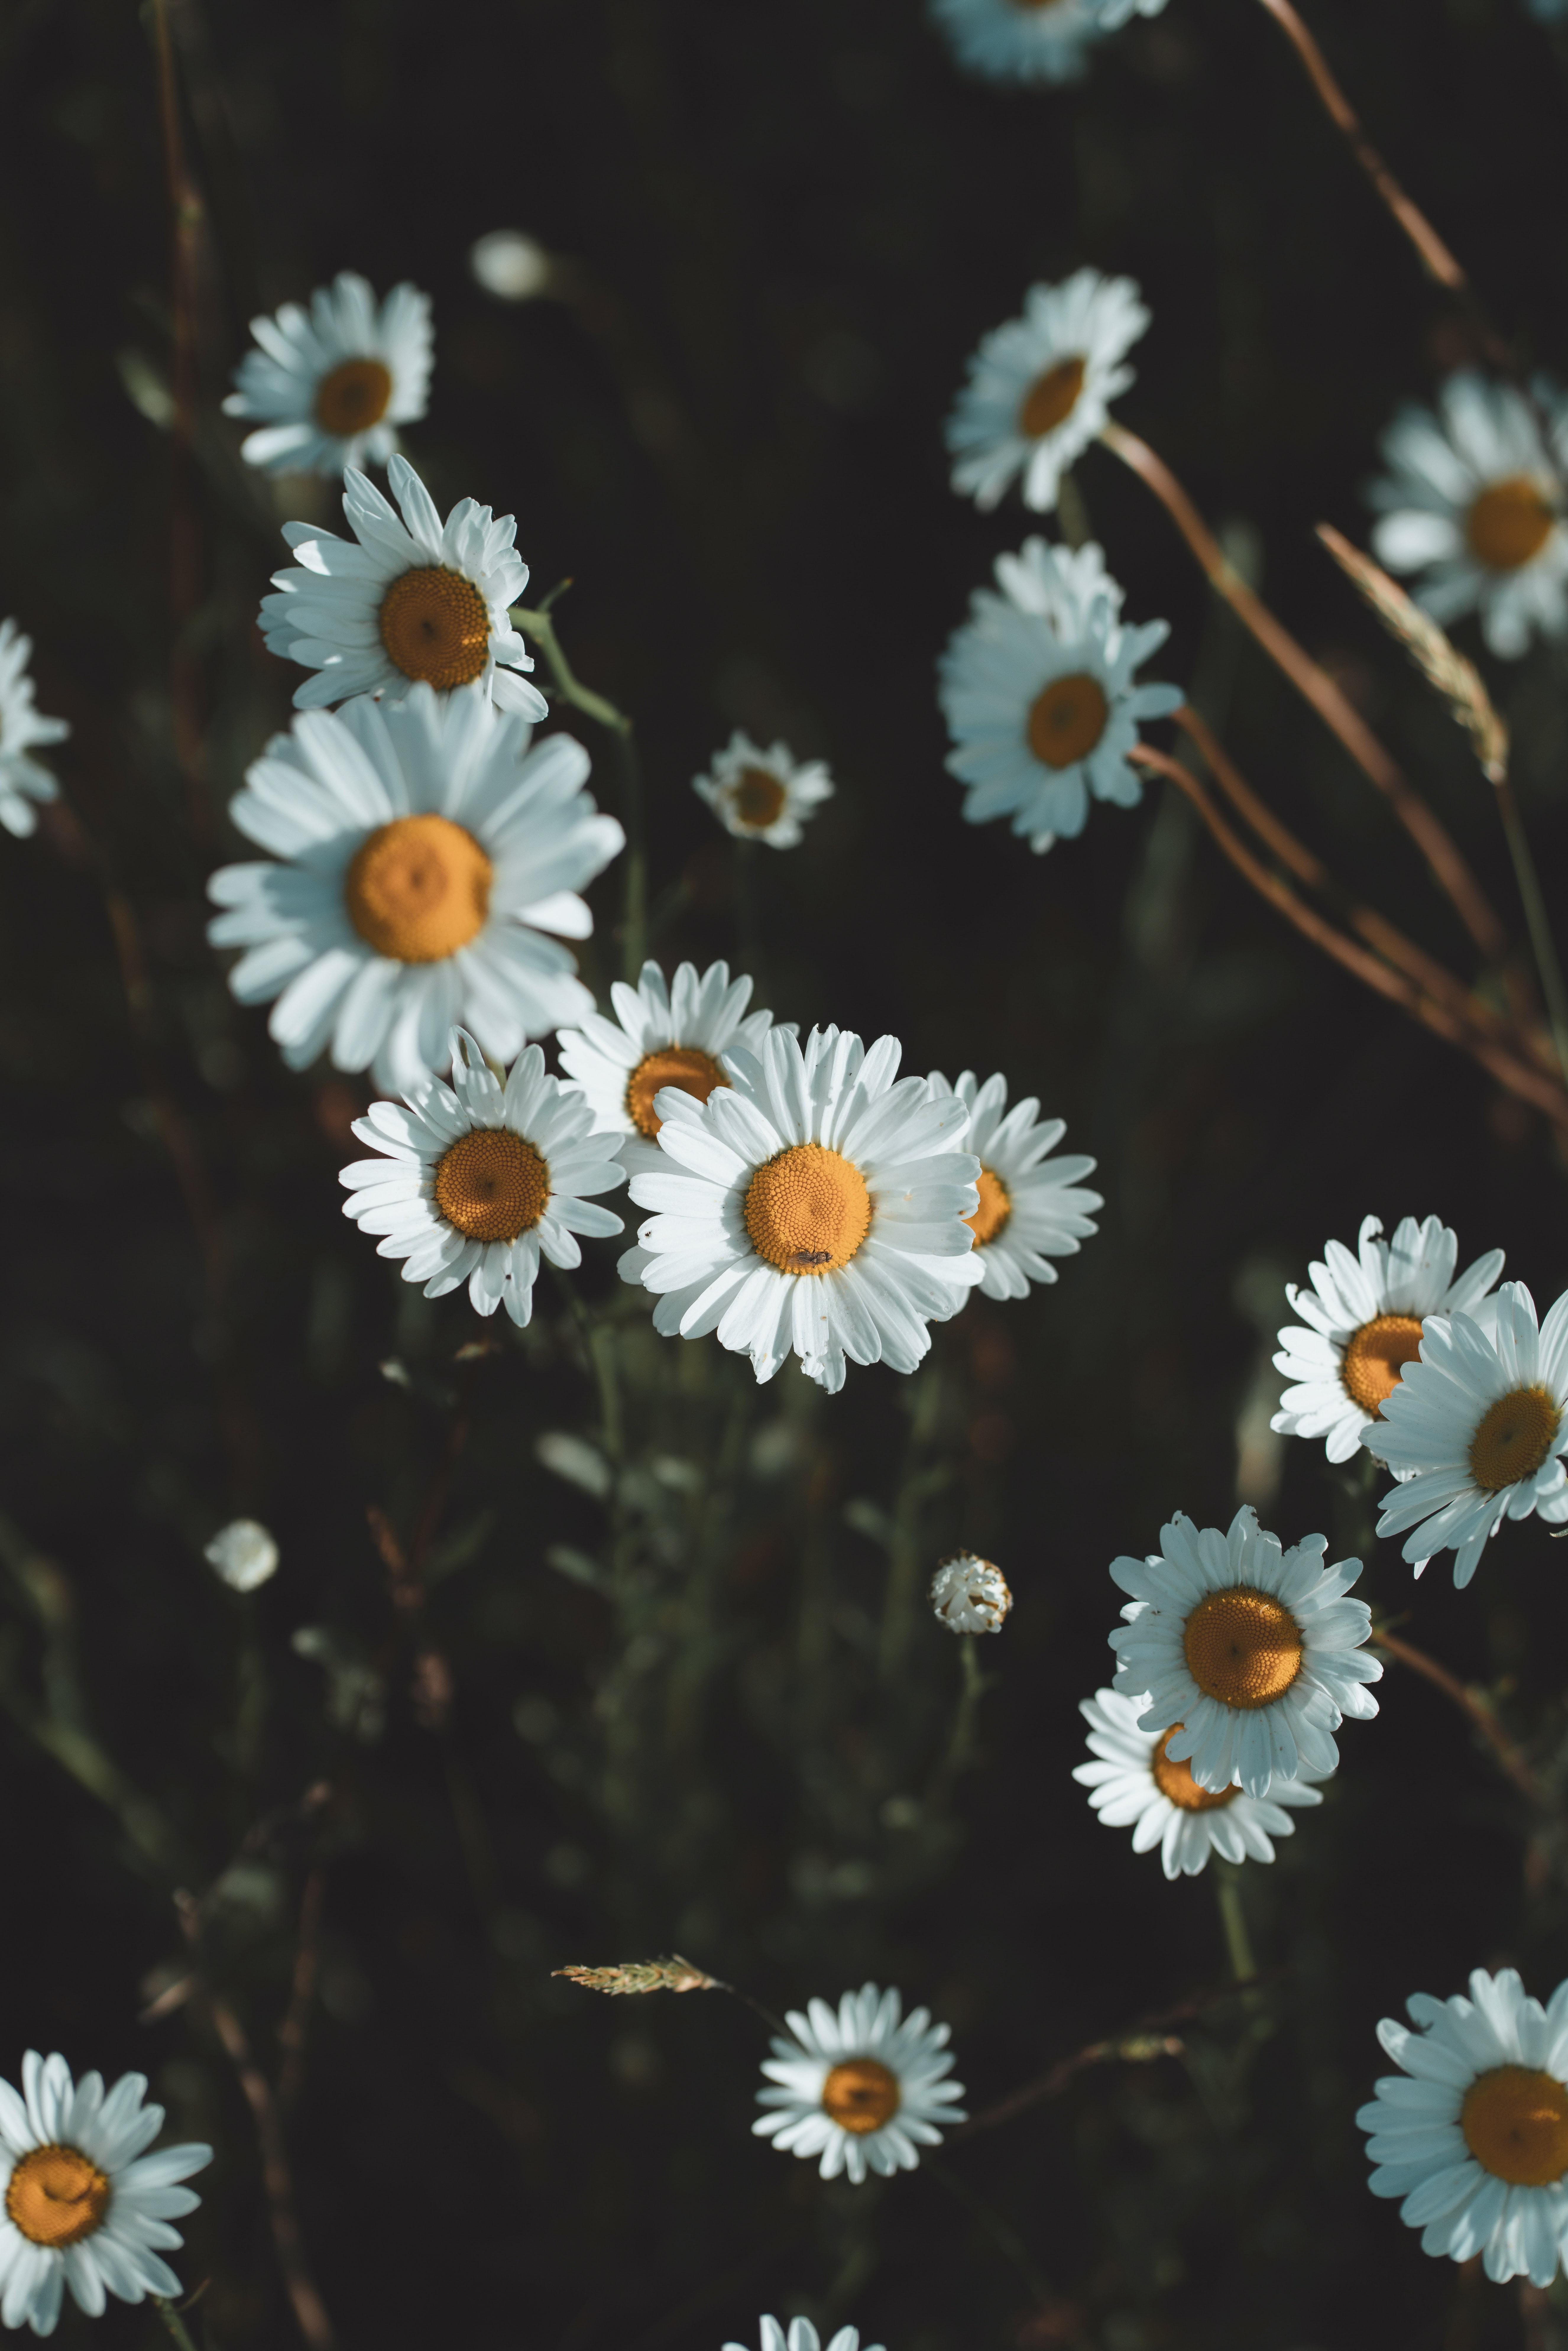 56319 скачать обои Ромашки, Цветы, Лепестки, Полевые Цветы - заставки и картинки бесплатно